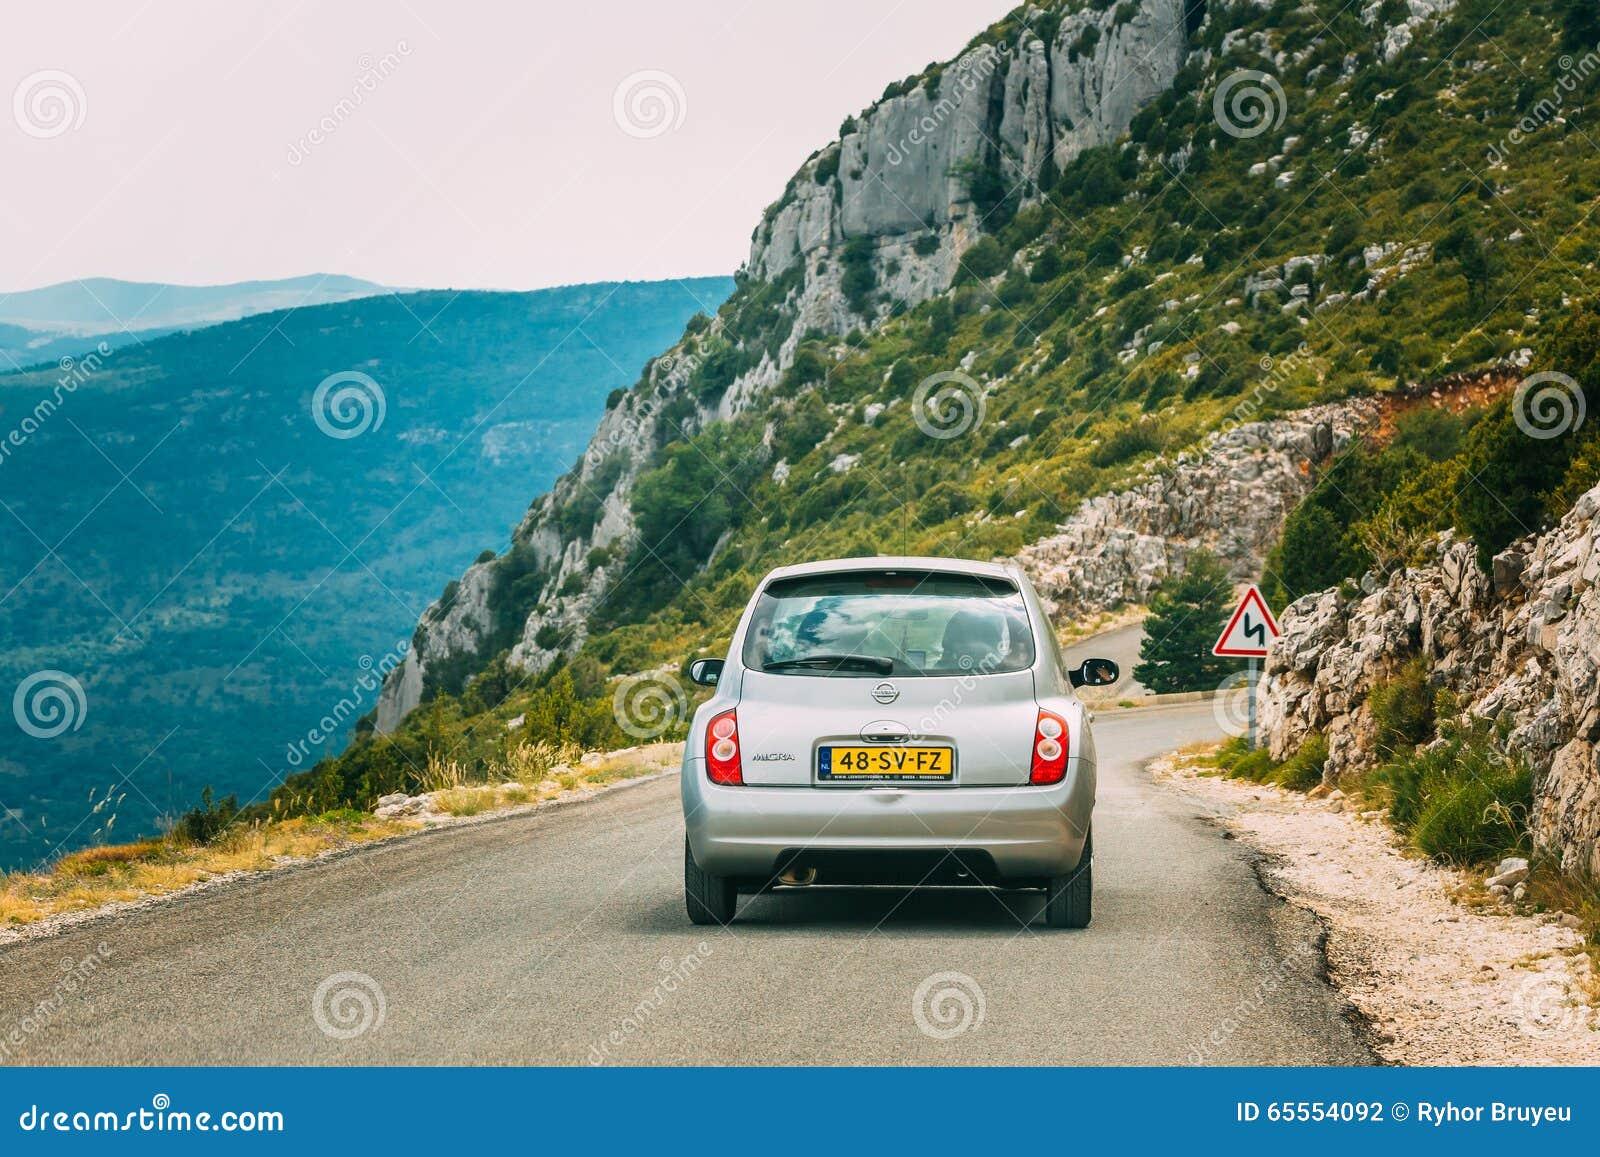 graues farbe-nissan micra-auto auf hintergrund französischen